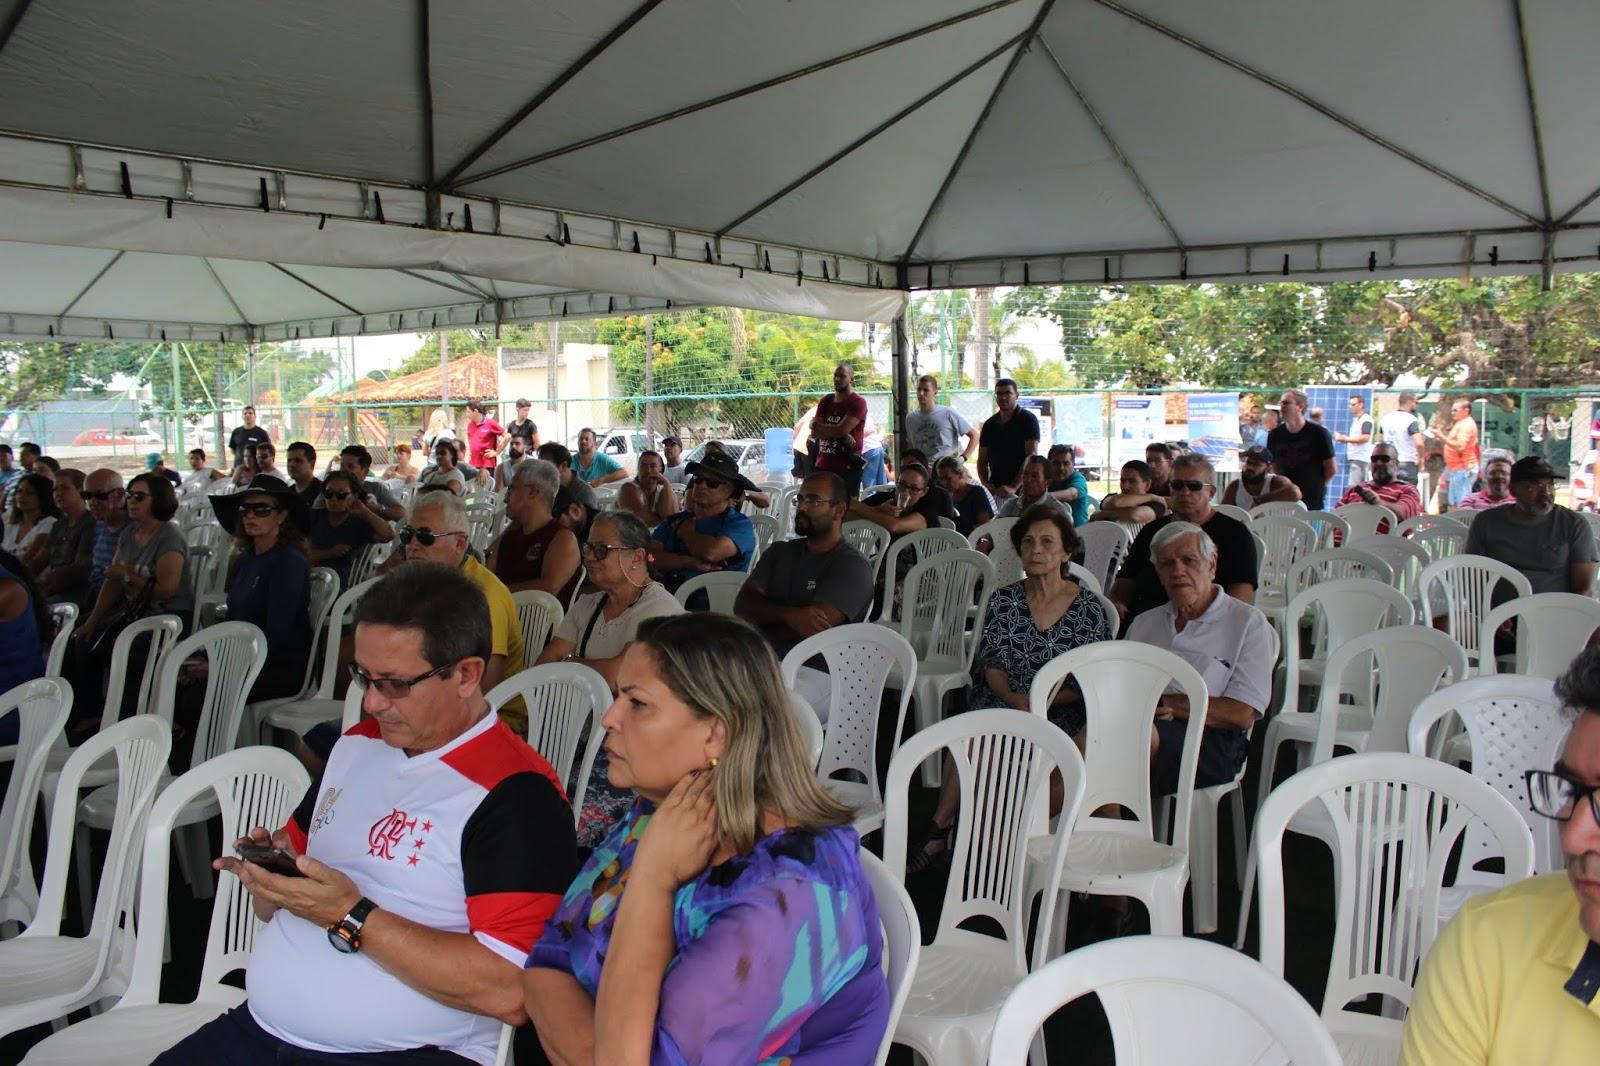 IMG 2835 - Novo administrador do Paranoá, Sergio Damasceno, começa seu primeiro dia de trabalho no Domingo ouvindo a comunidade local.